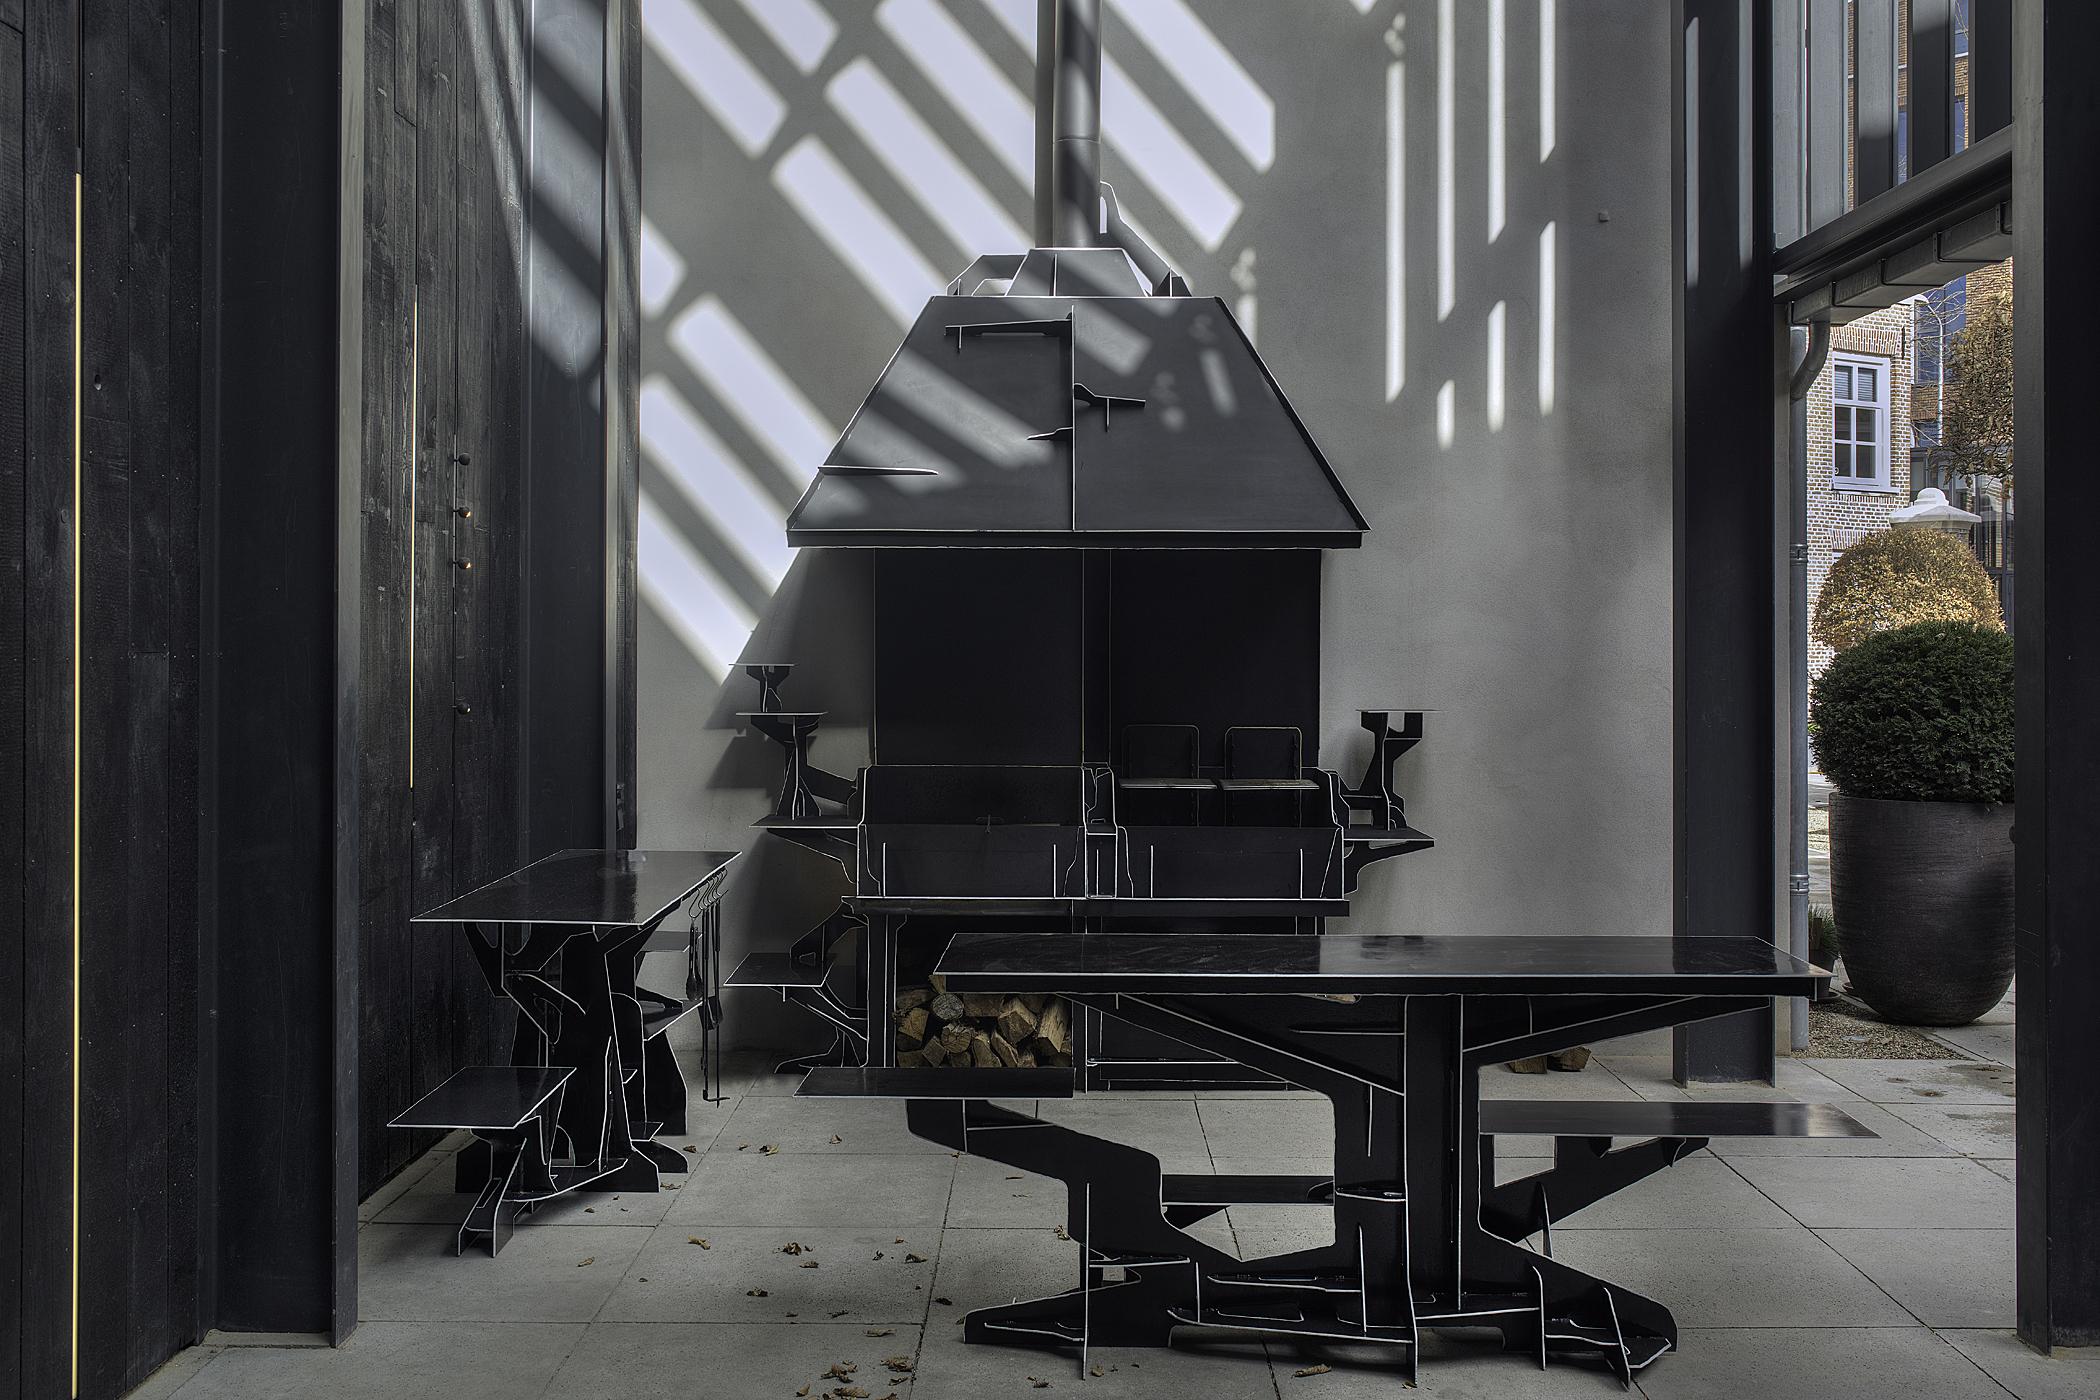 Kazerne BBQ by Joost Van Bleiswijk, Image by Patrick Meis